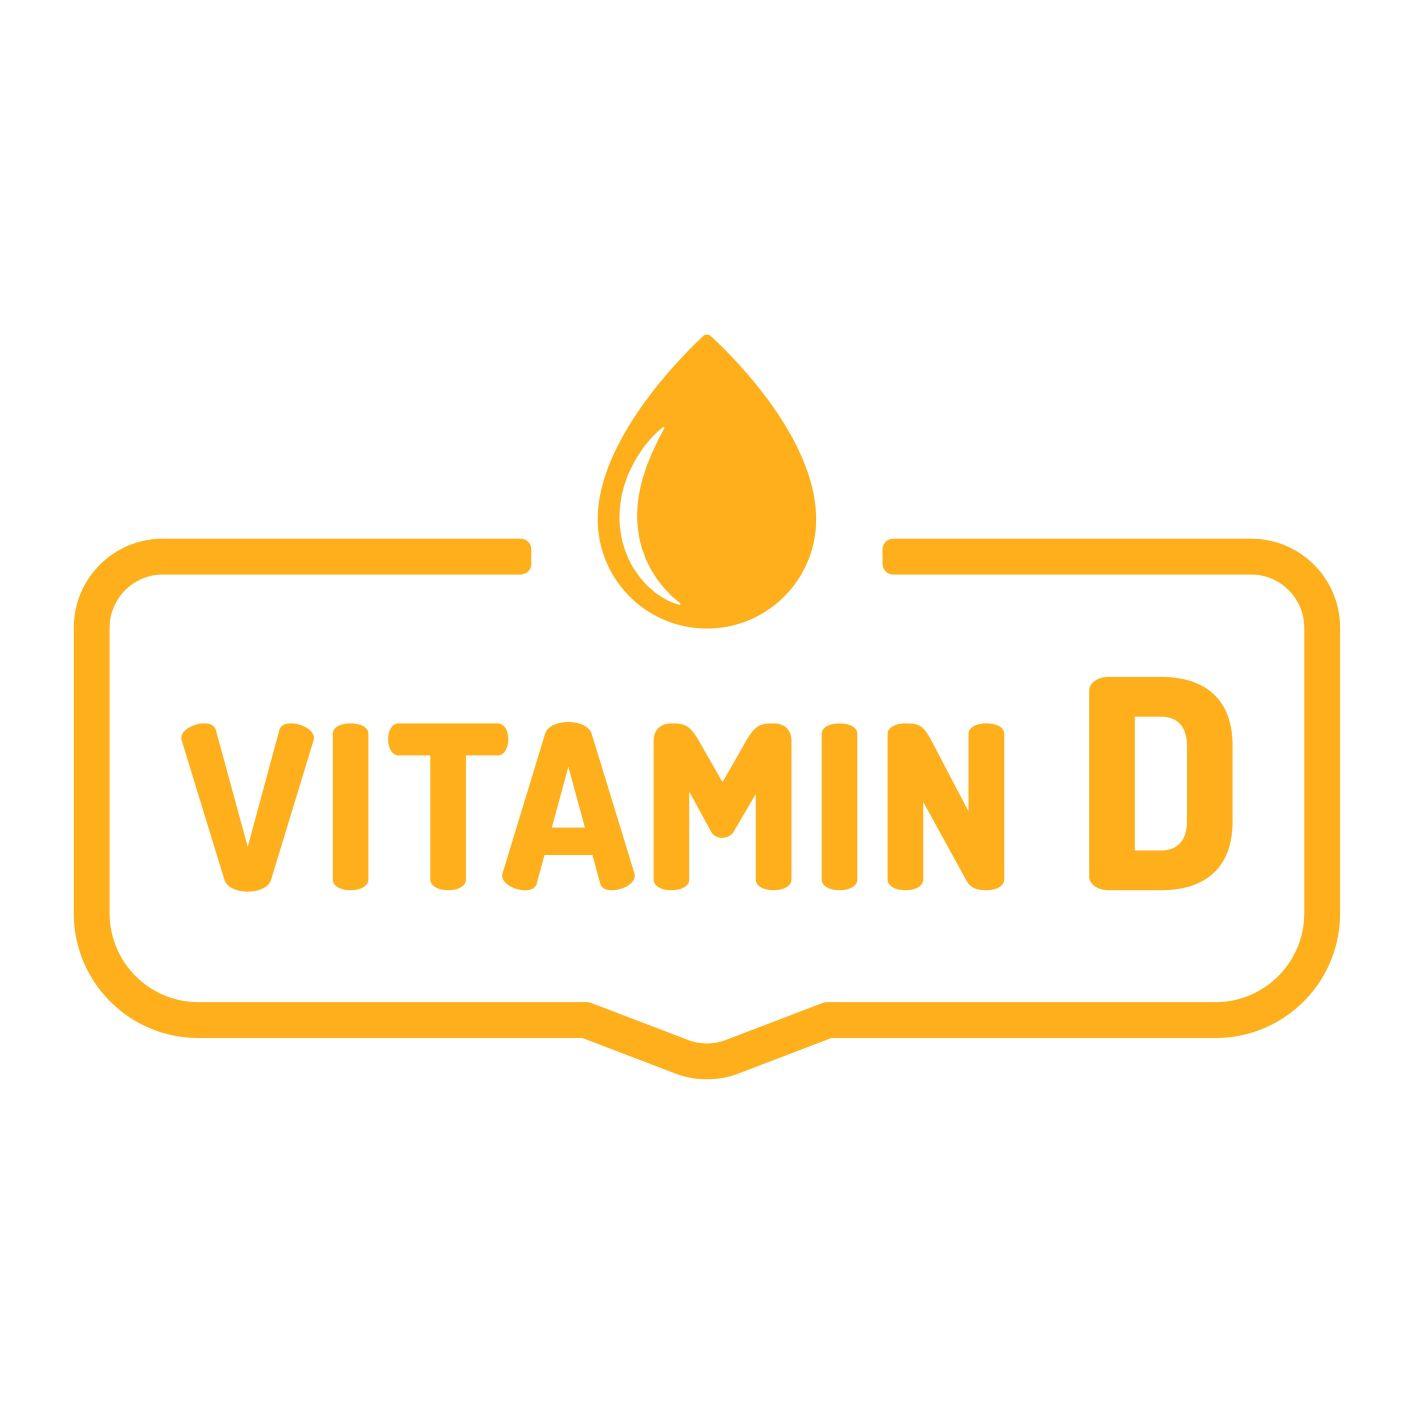 Όλα Όσα Πρέπει να Γνωρίζετε για τη Βιταμίνη D